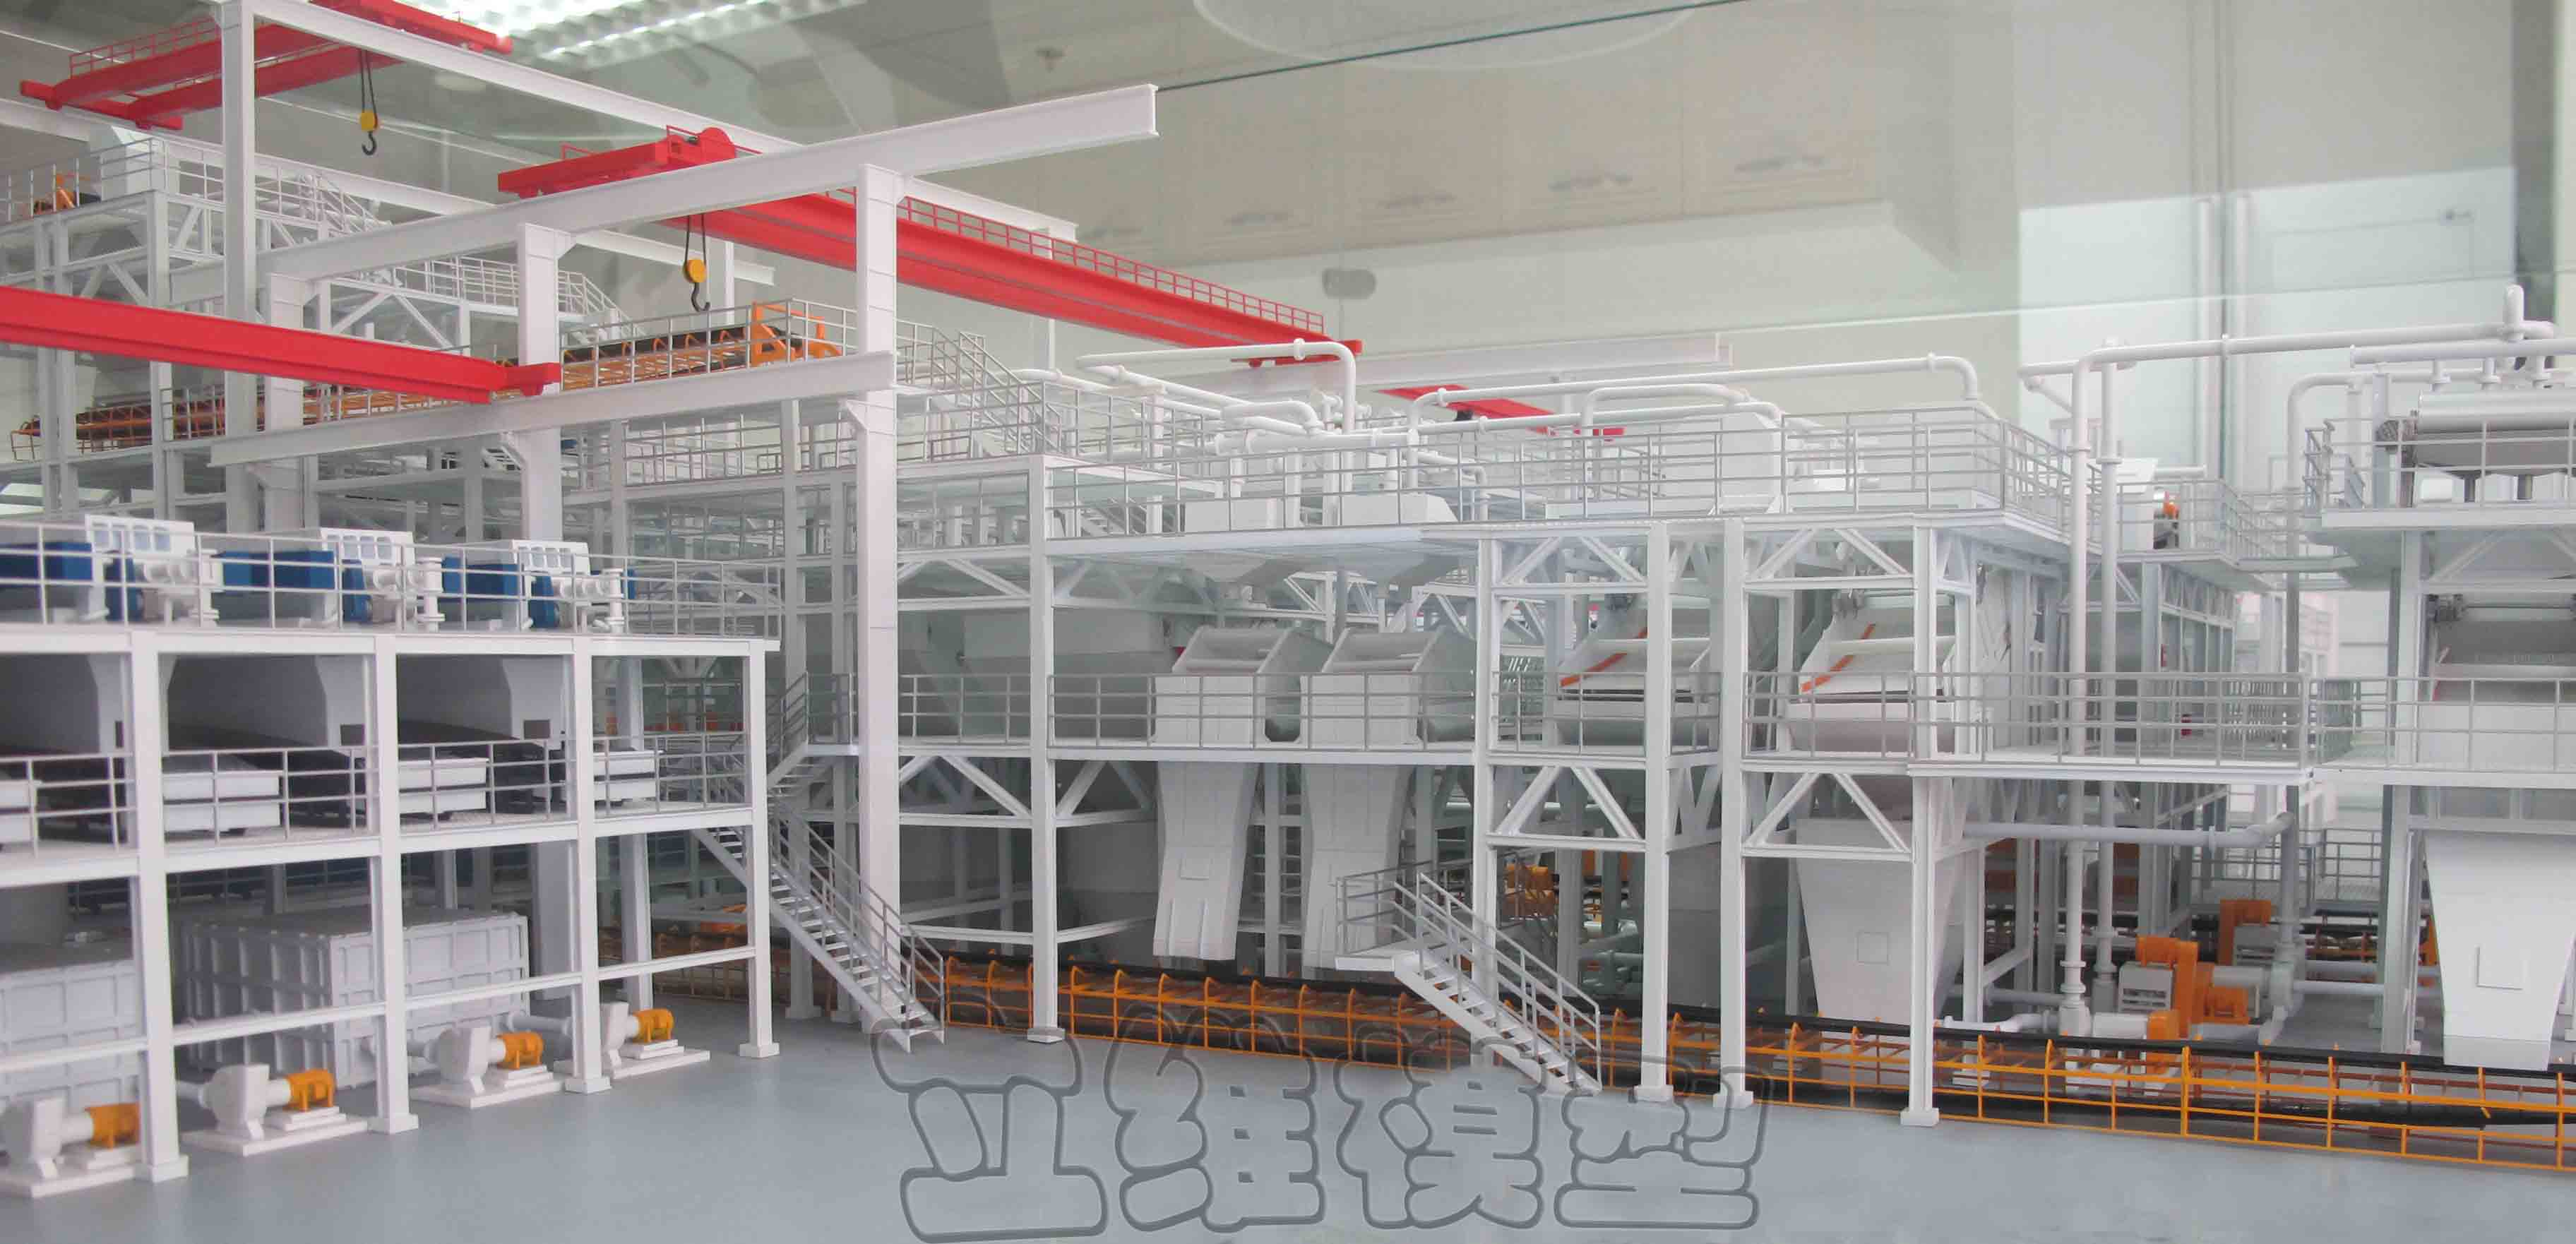 北京立维远景模型-选煤厂主洗车间 1:40 模型